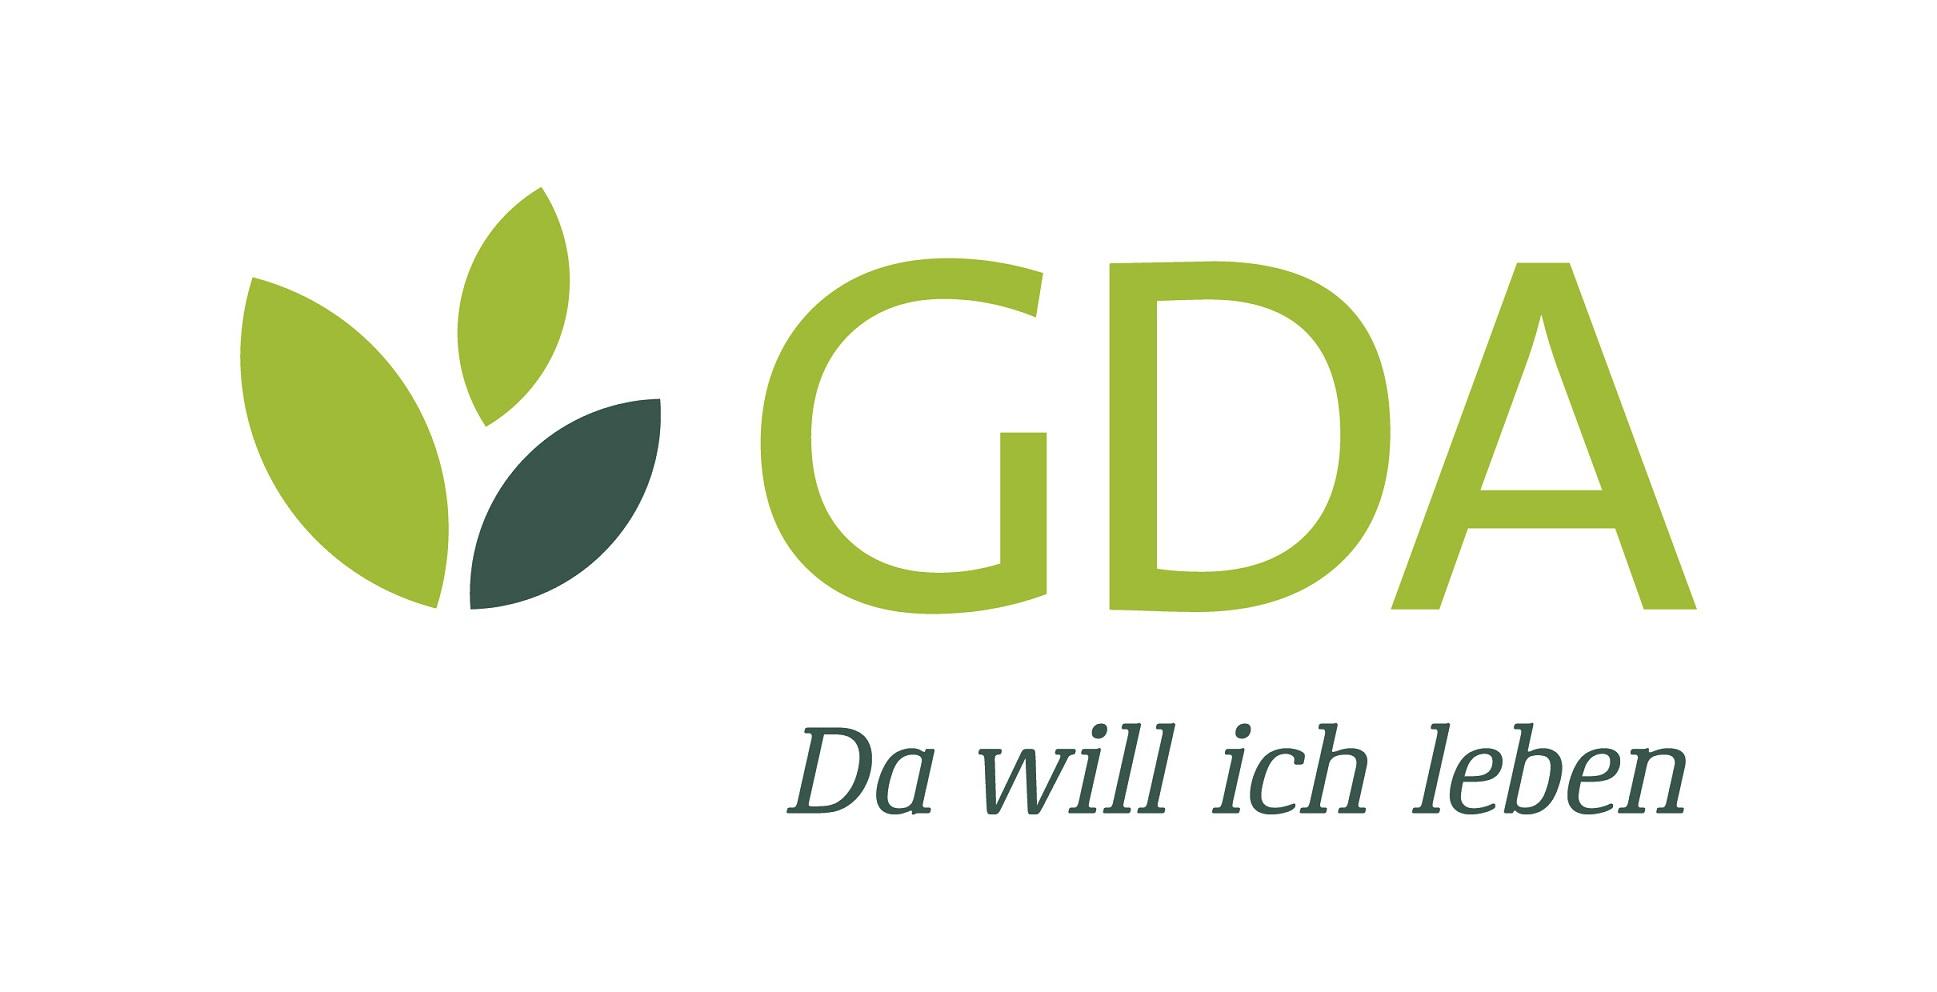 messedaten_messe_205_weblogos_gesellschaft_fuer_dienste_im_alter_mbh_gda_gmbh.jpg